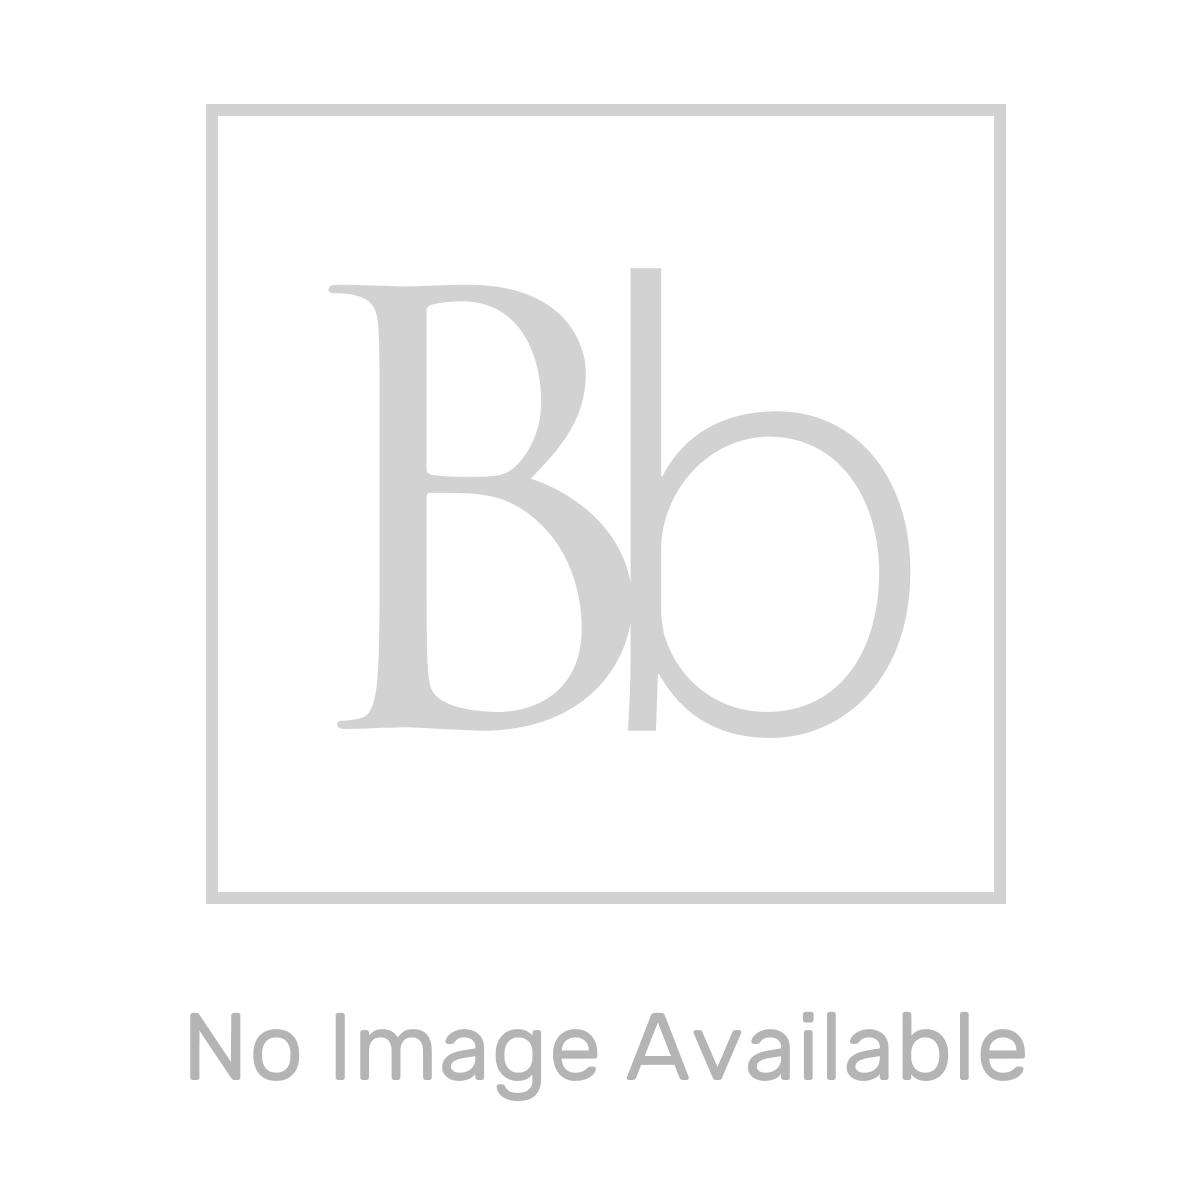 Aquadart Aqualavo White Slate Quadrant Shower Tray 900 x 900 Dimensions